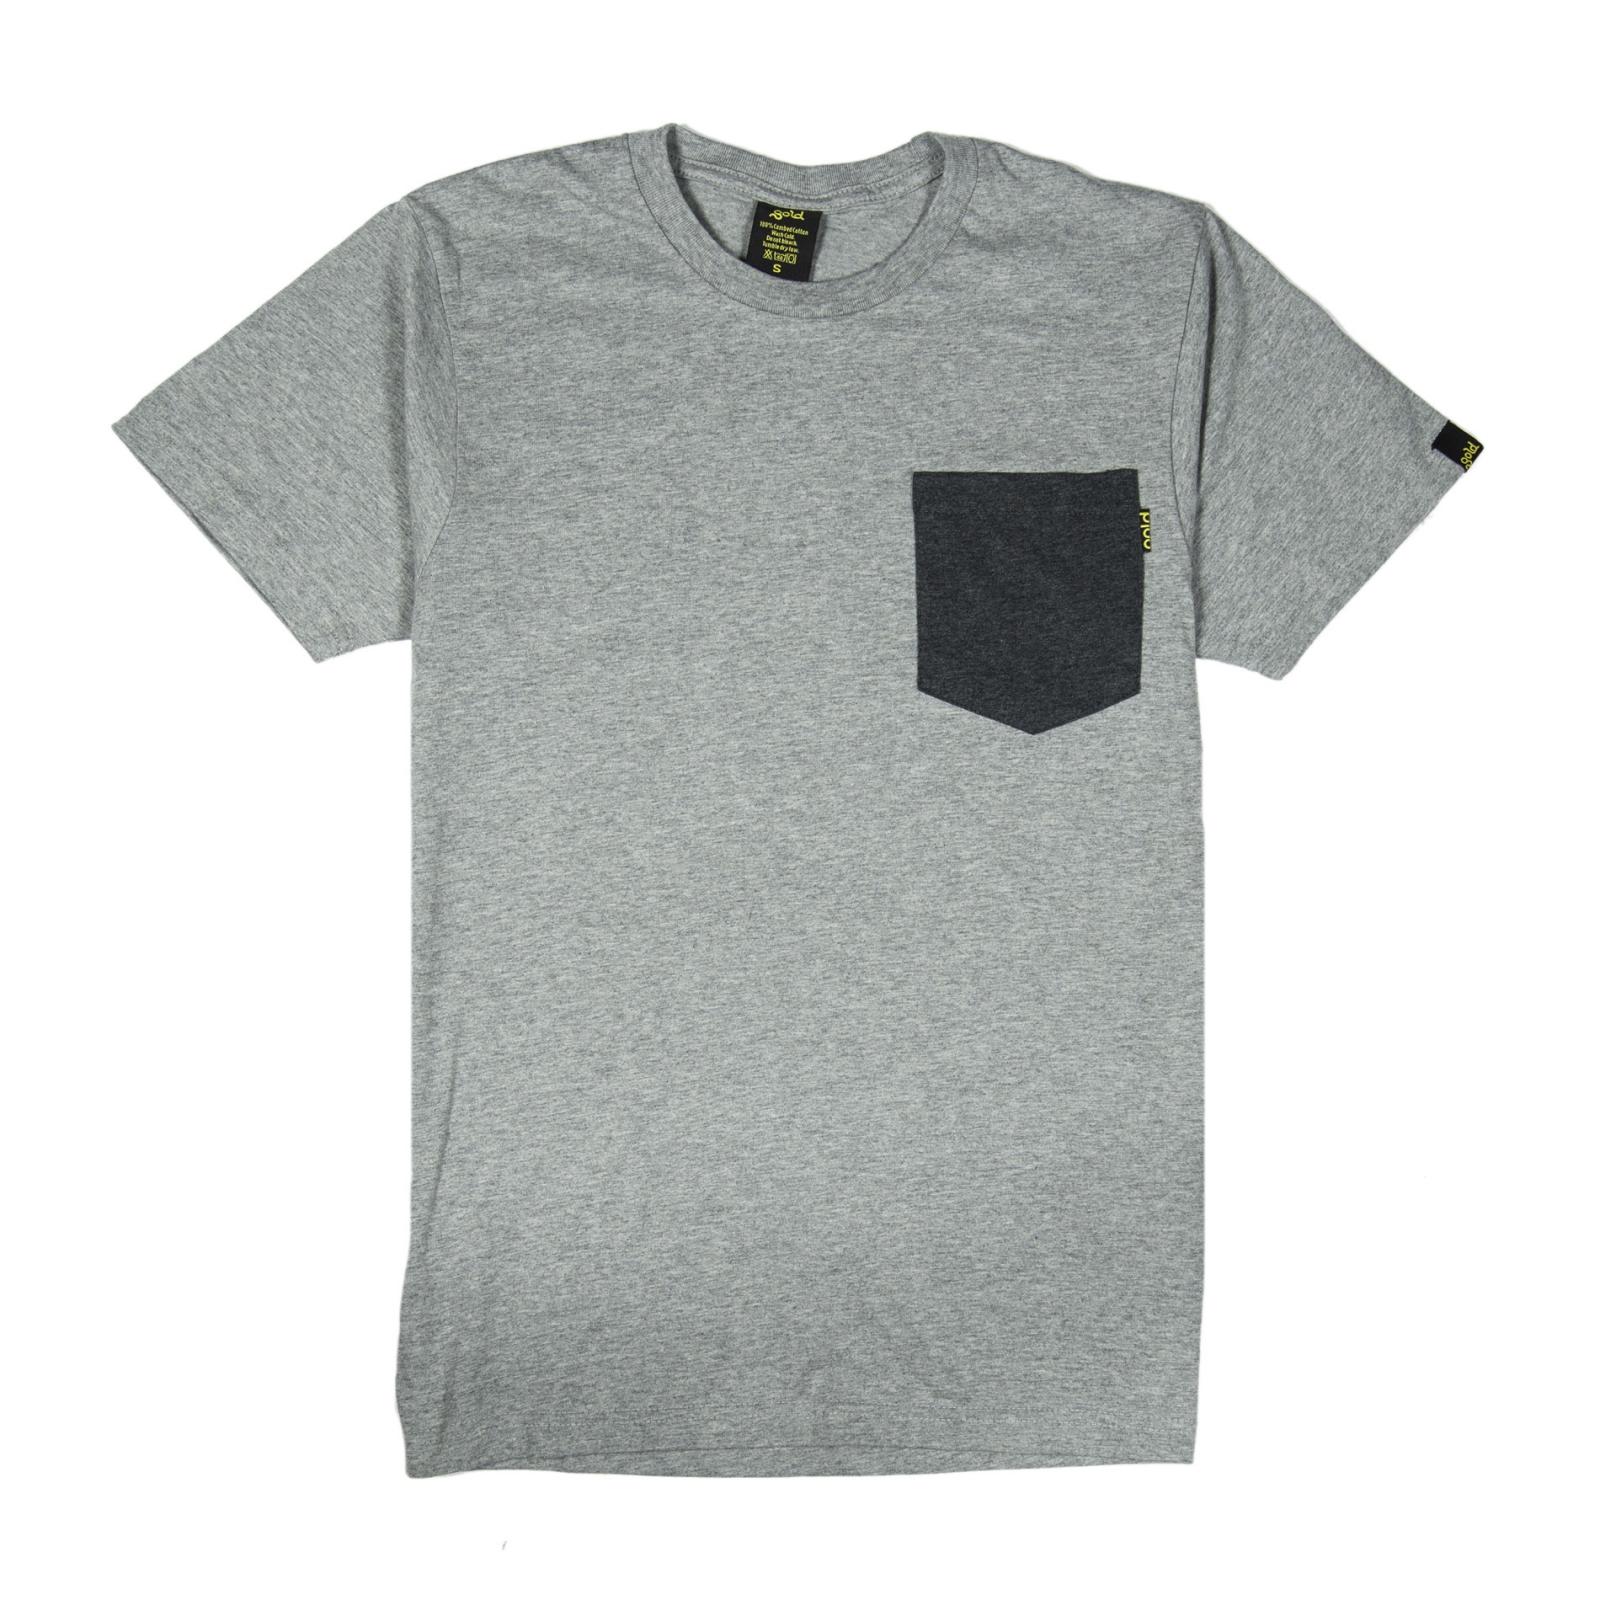 online store c73c0 c493d Gold T-shirt Uomo Grigia Taschino Grigio Scuro